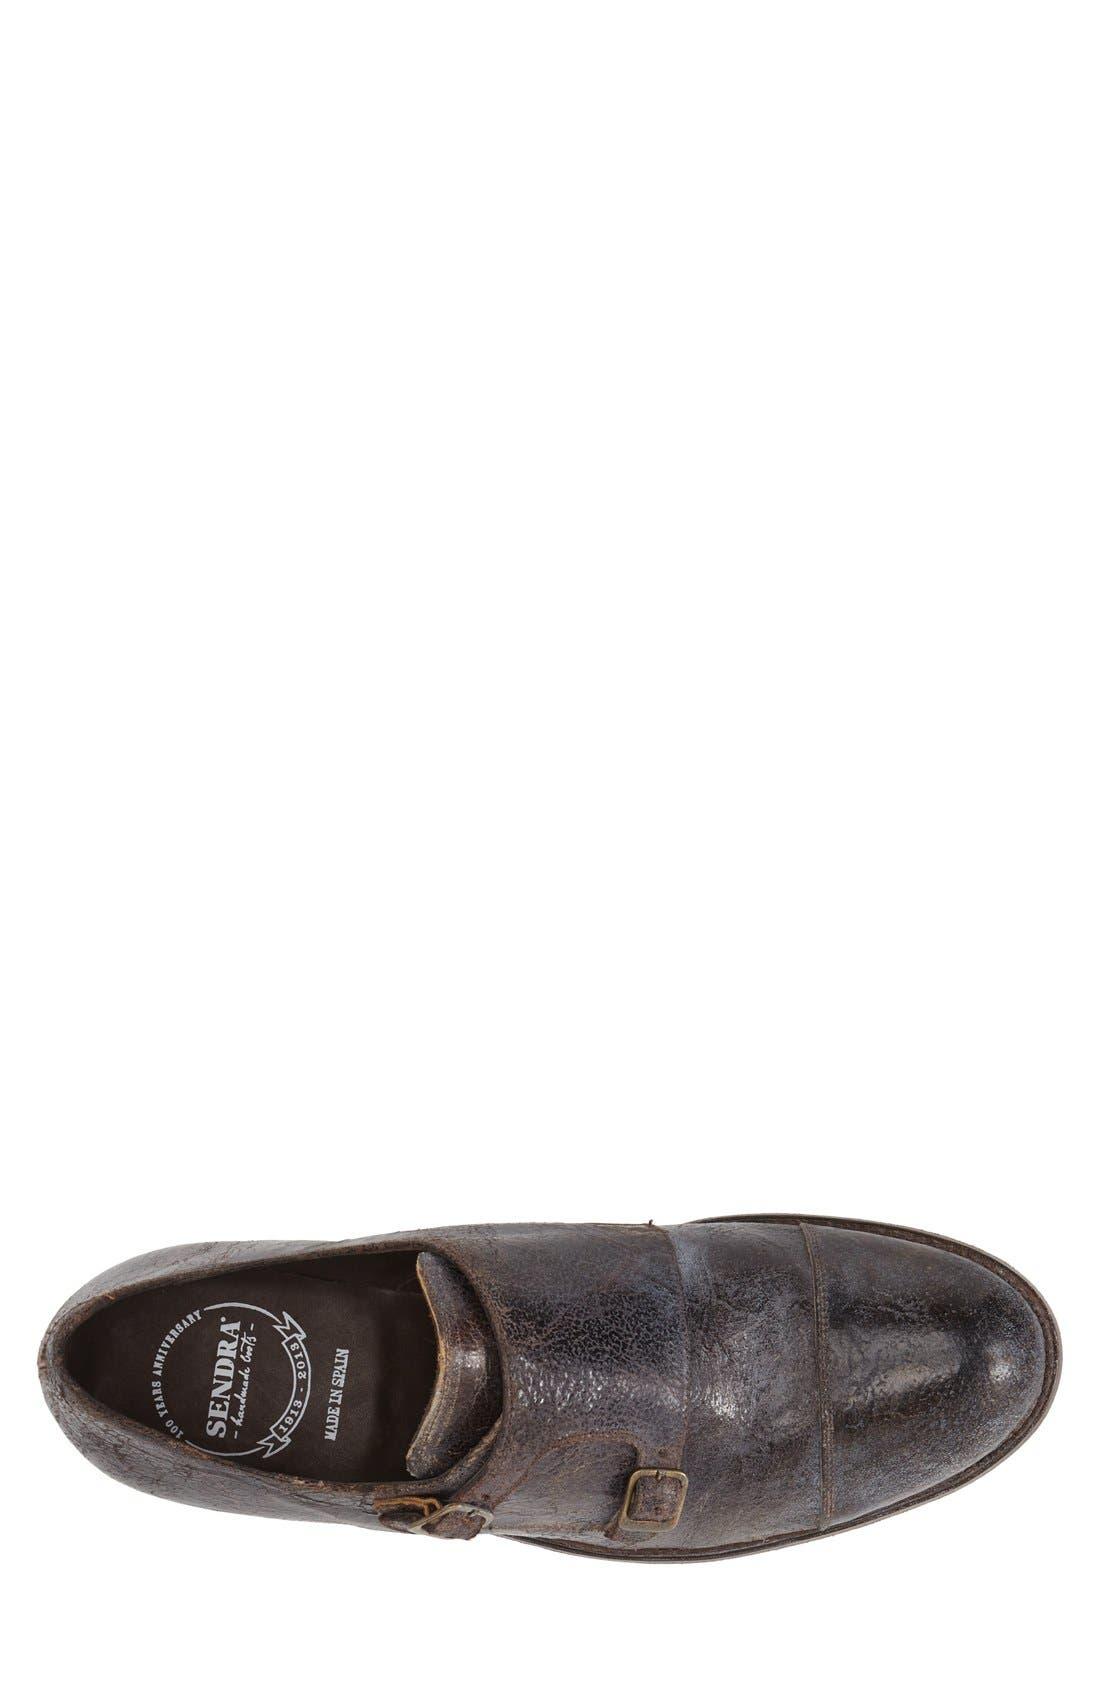 Boots 'Friar Tuk' Double Monk Strap Shoe,                             Alternate thumbnail 3, color,                             Brown Vintage